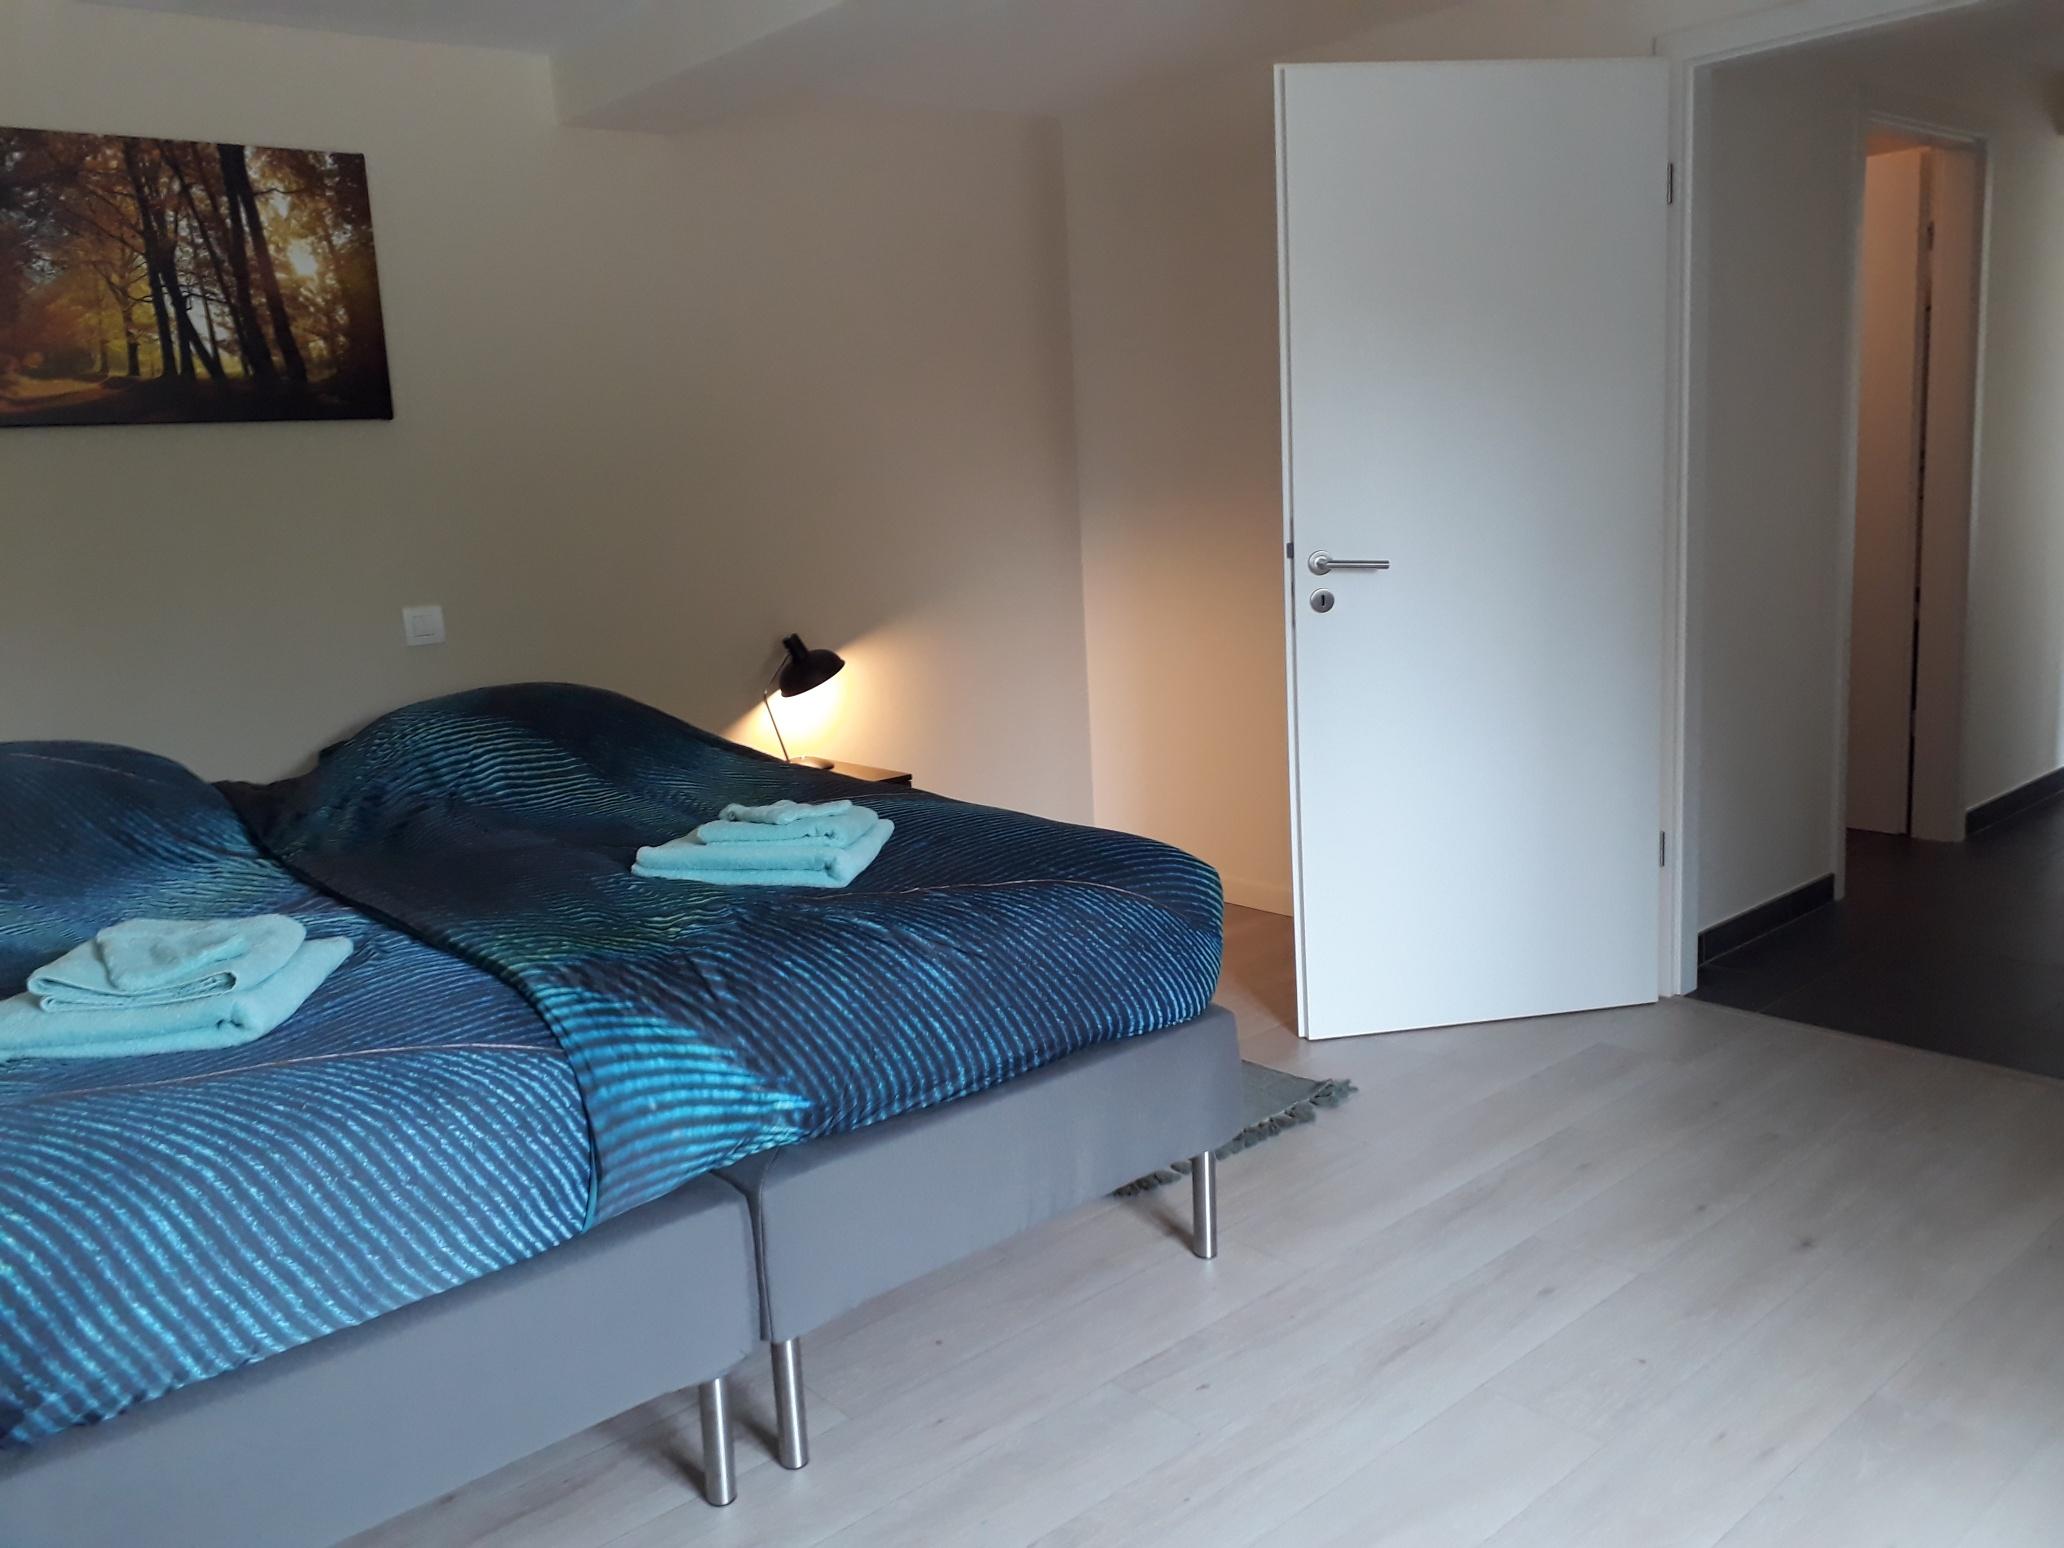 slaapkamer 5.jpg